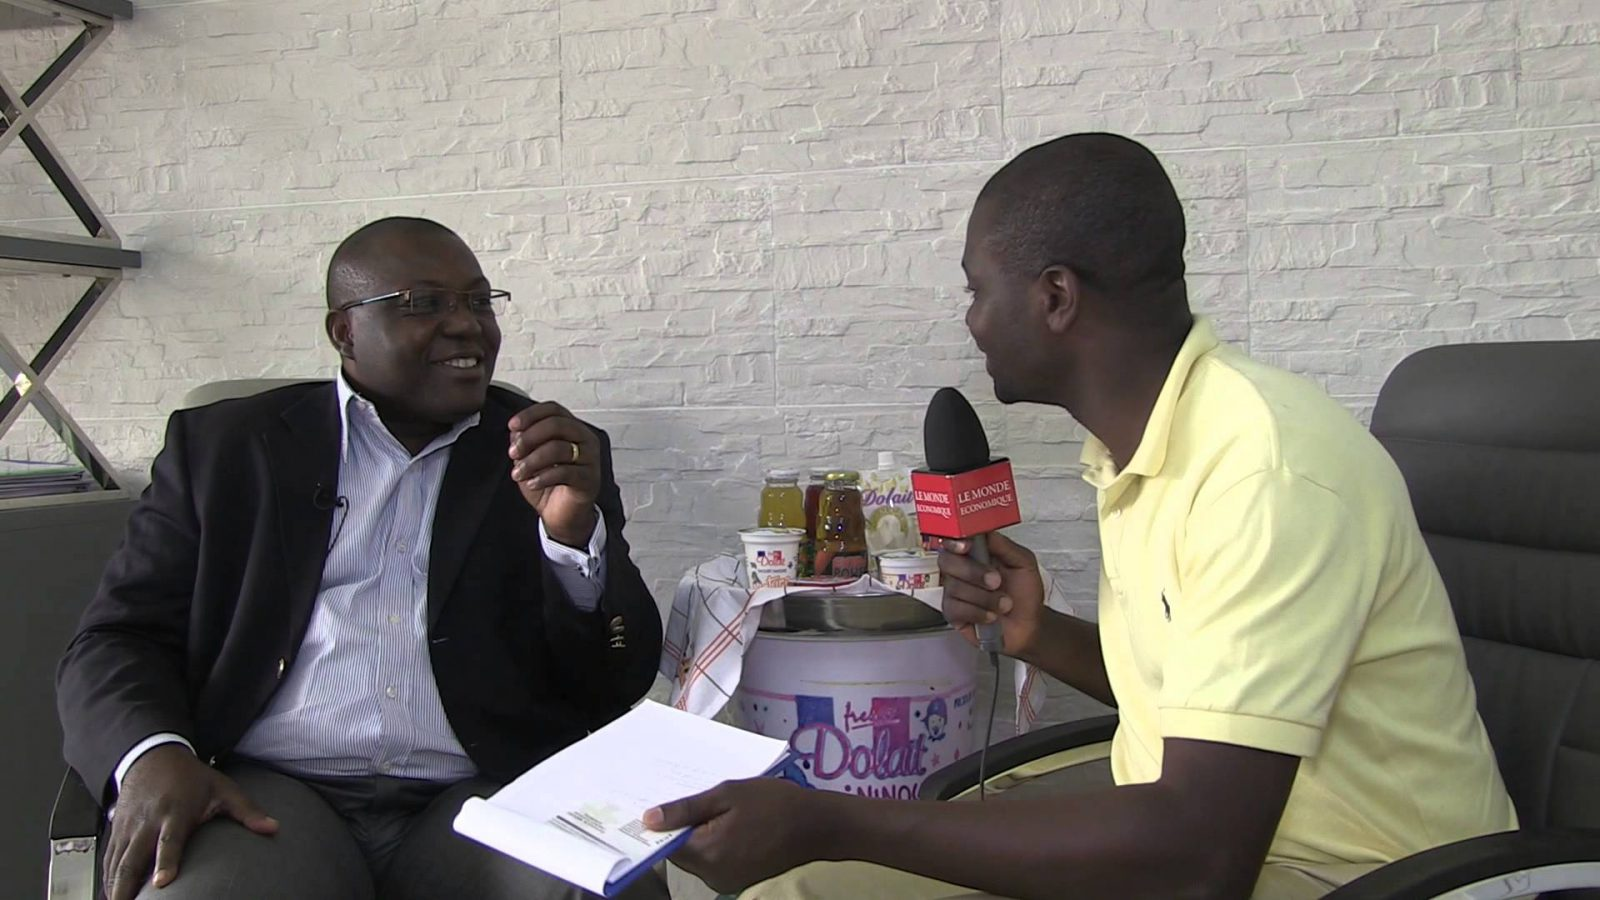 Les entreprises africaines sont-elle aujourd'hui en situation de conquérir des marchés à l'étranger?